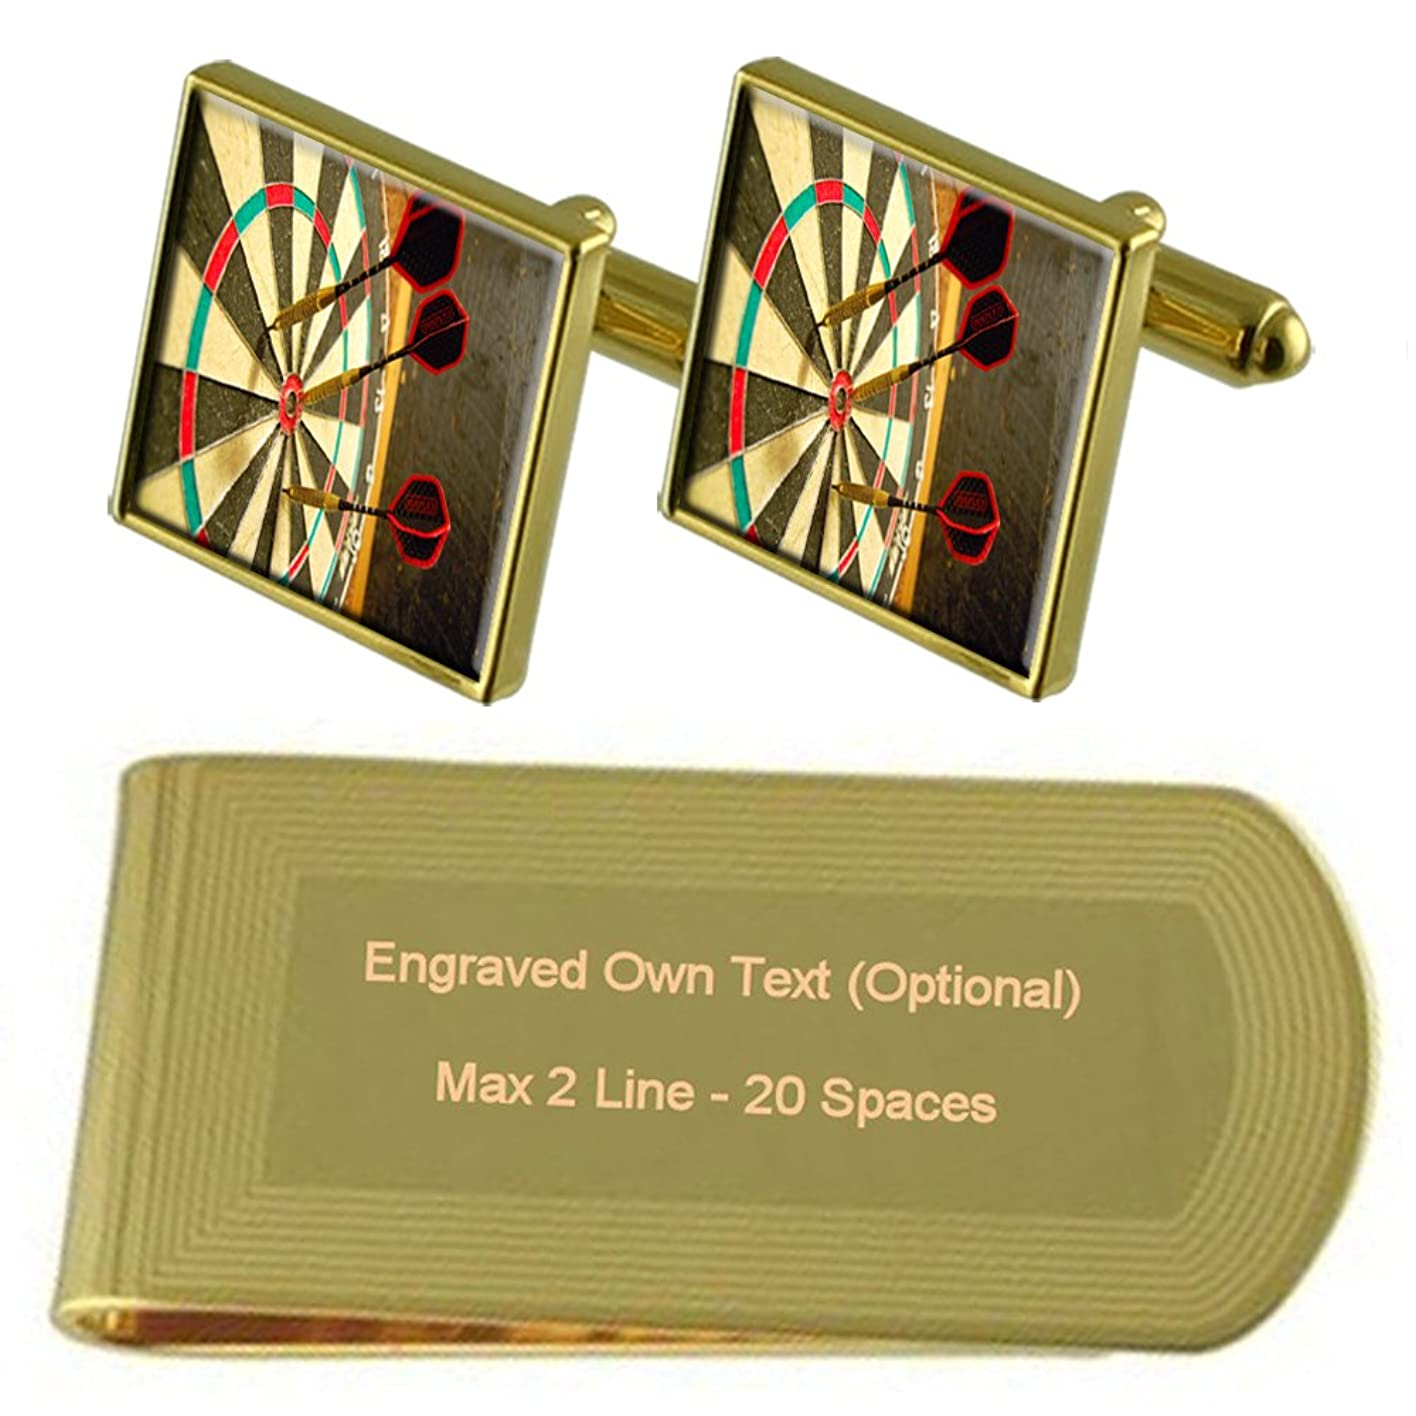 真鍮中級第山を当てダーツダート盤ゴールドトーン カフスボタン お金クリップを刻まれたギフトセット